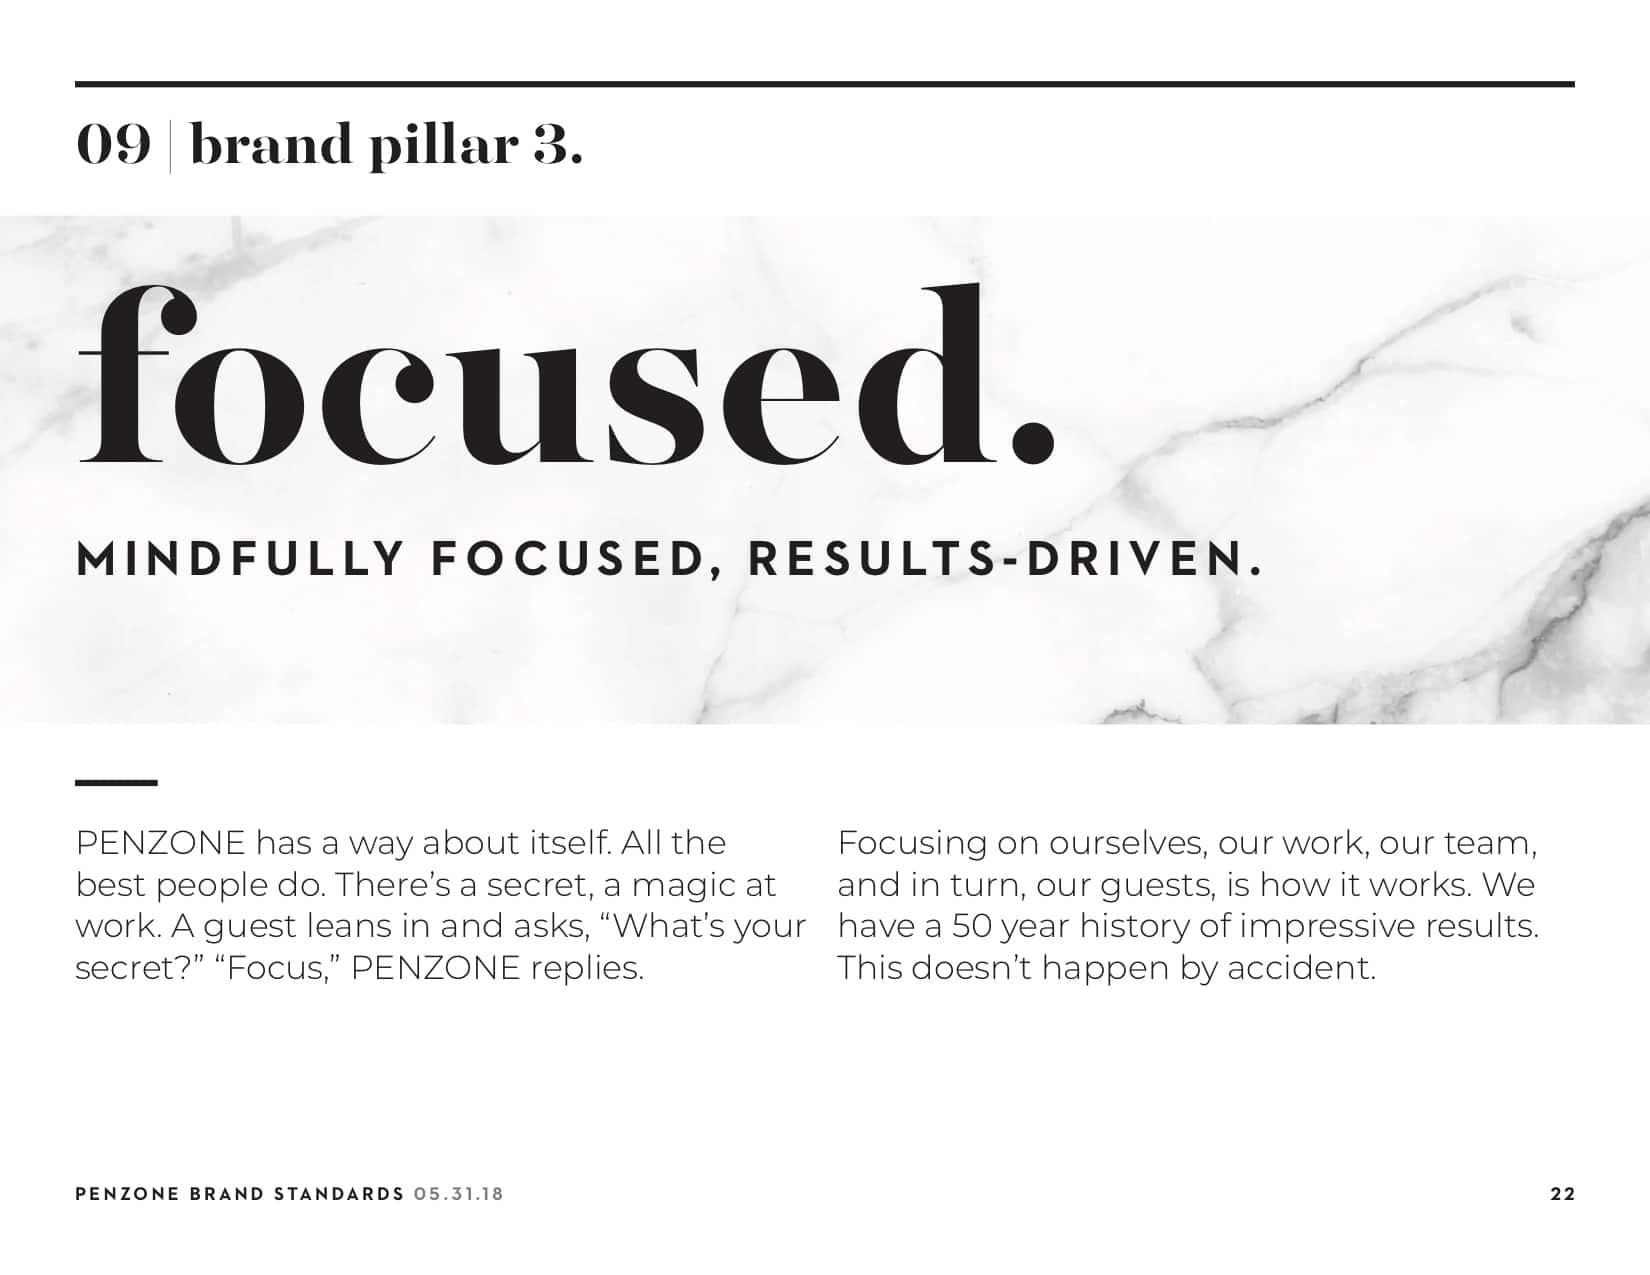 Penzone_Brand-Pillar_Focused